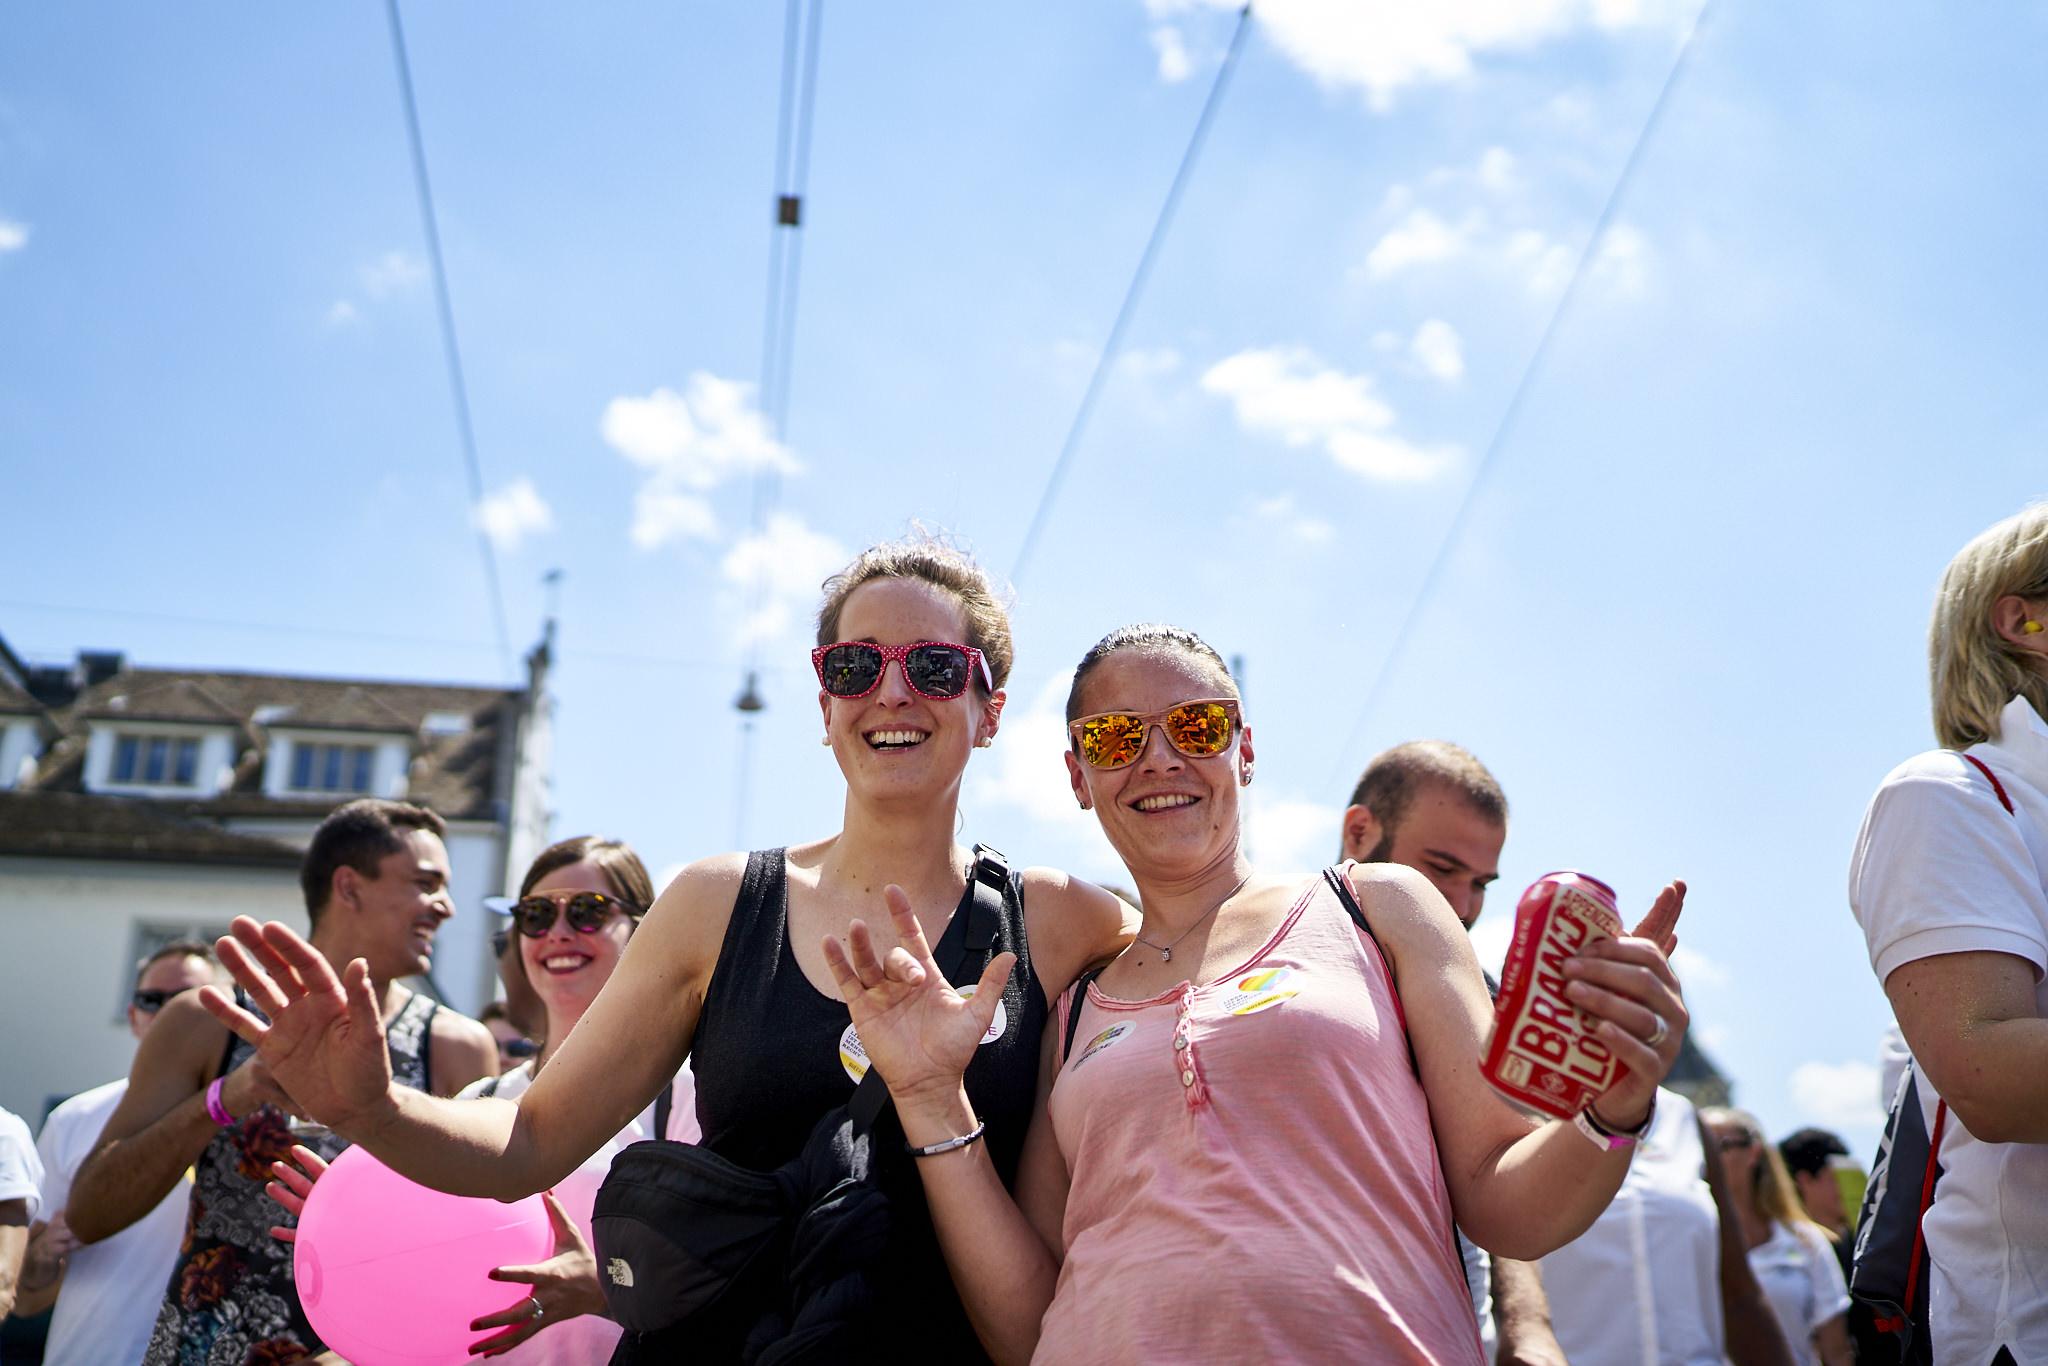 Zurich Pride Parade 2017 LME05713.jpg